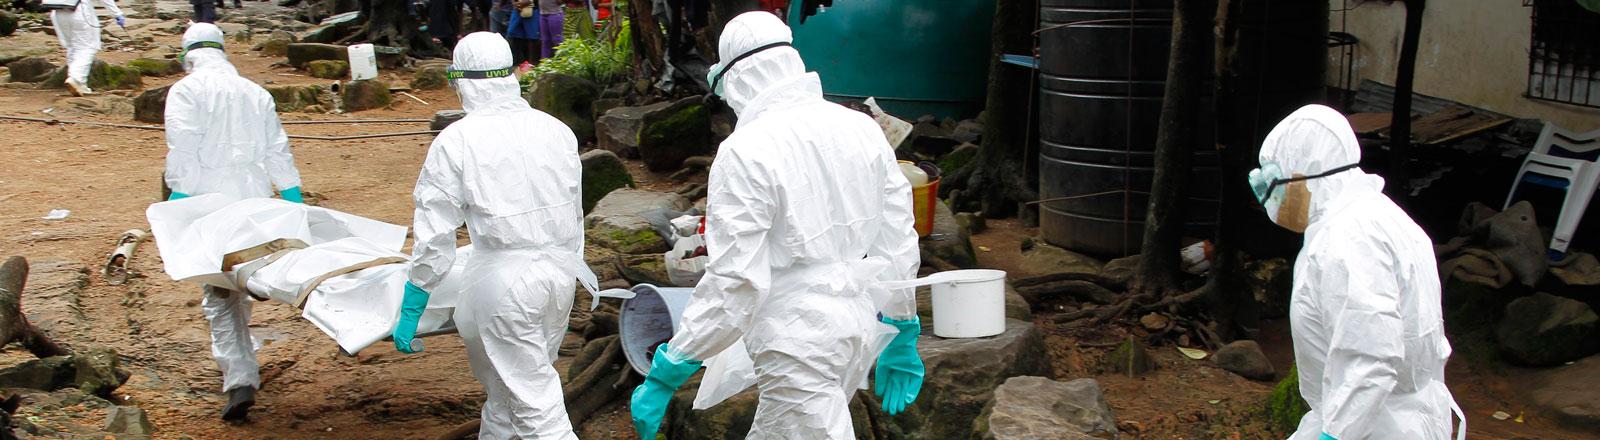 Fachpersonal in Schutzanzügen trägt einen Ebola-Toten auf einer Bahre weg.